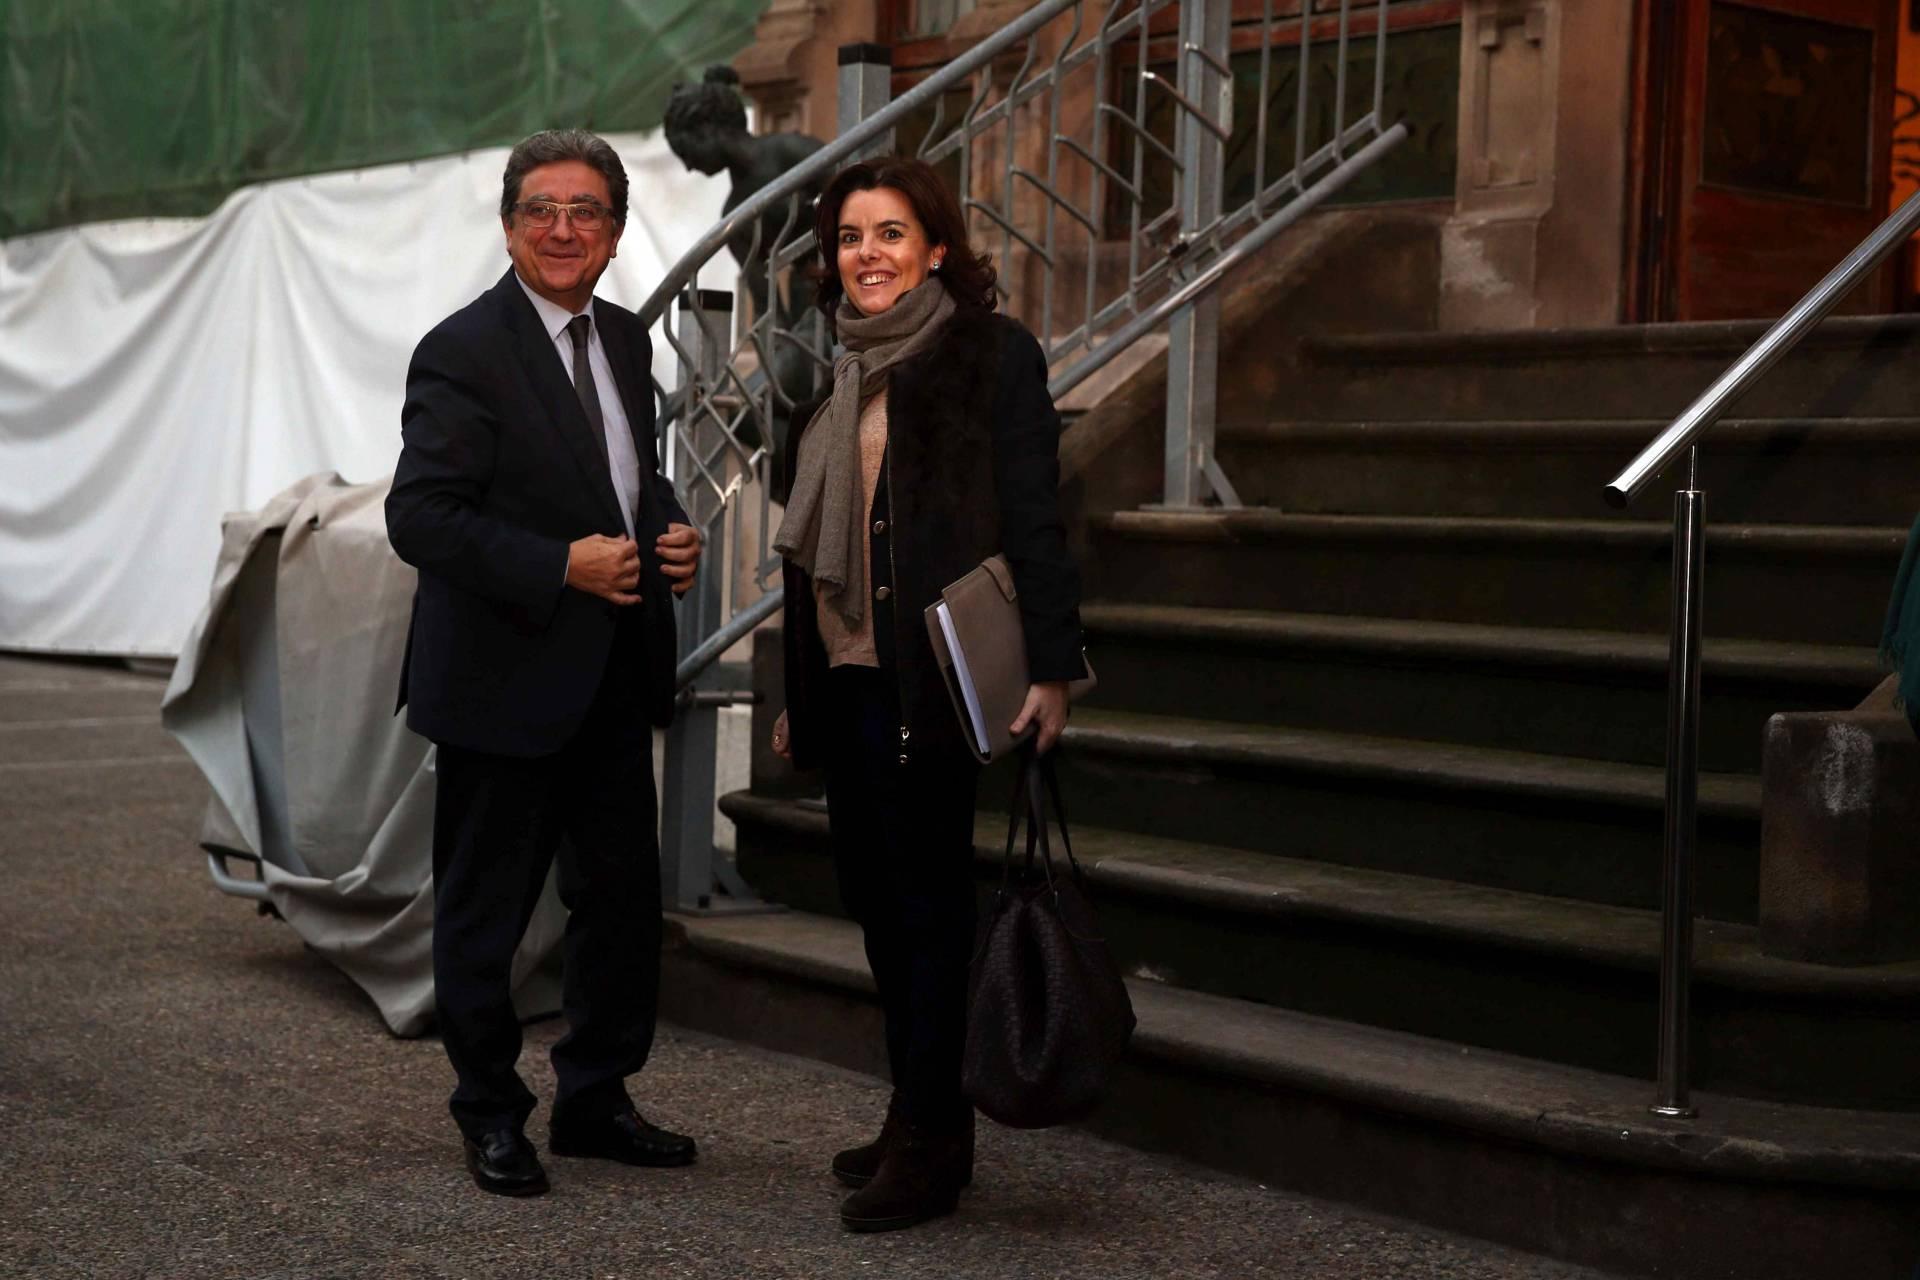 El delegado del Gobierno en Cataluña, Enric Millo, junto a la vicepresidenta del Gobierno, Soraya Sáenz de Santamaría.